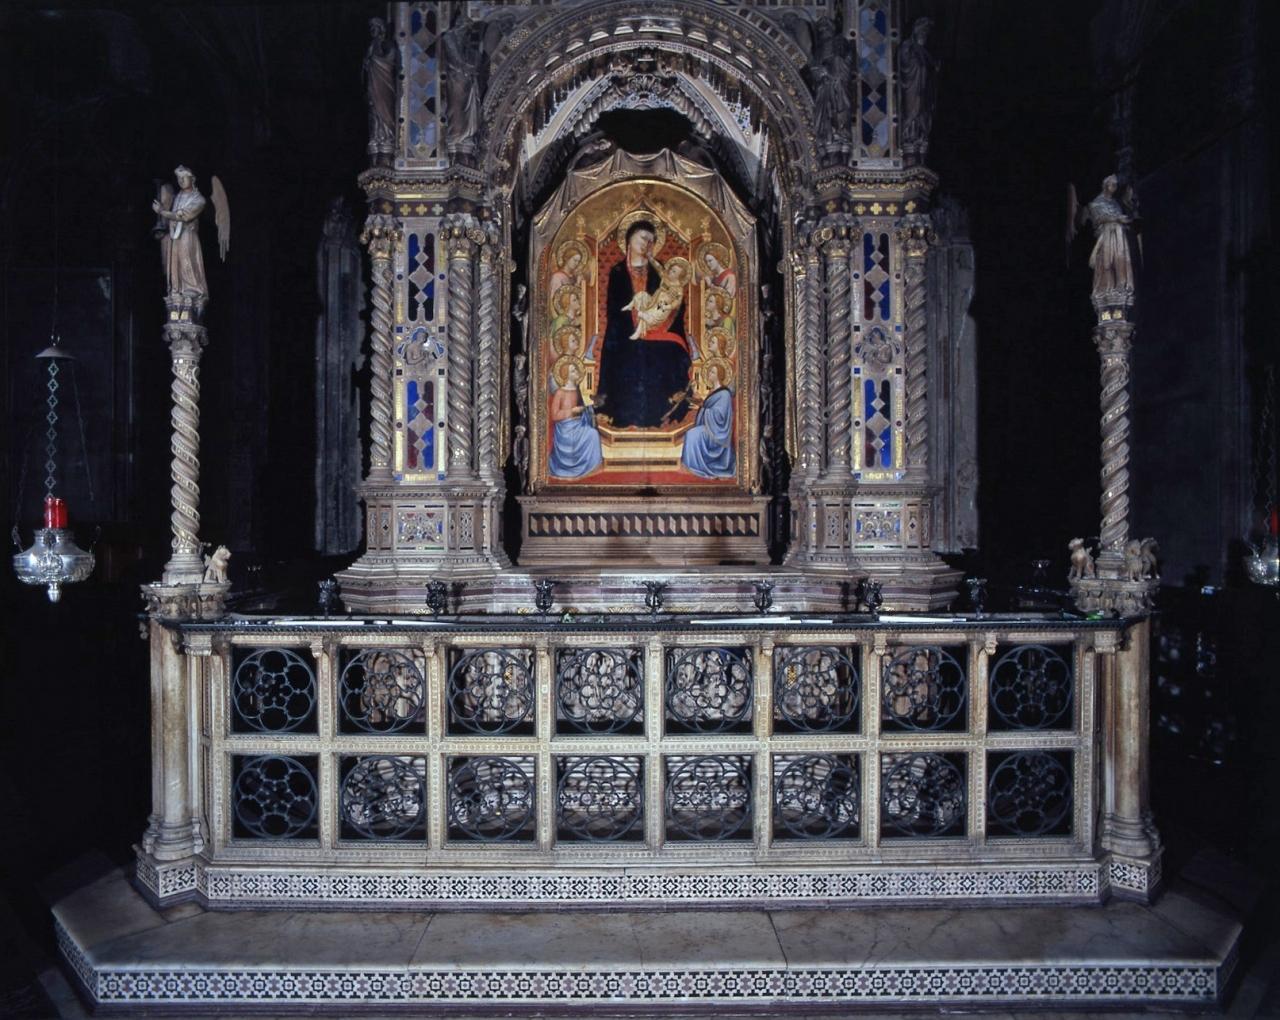 storie della vita della Madonna (tempietto) di Andrea di Cione detto Andrea Orcagna (e aiuti) (sec. XIV)